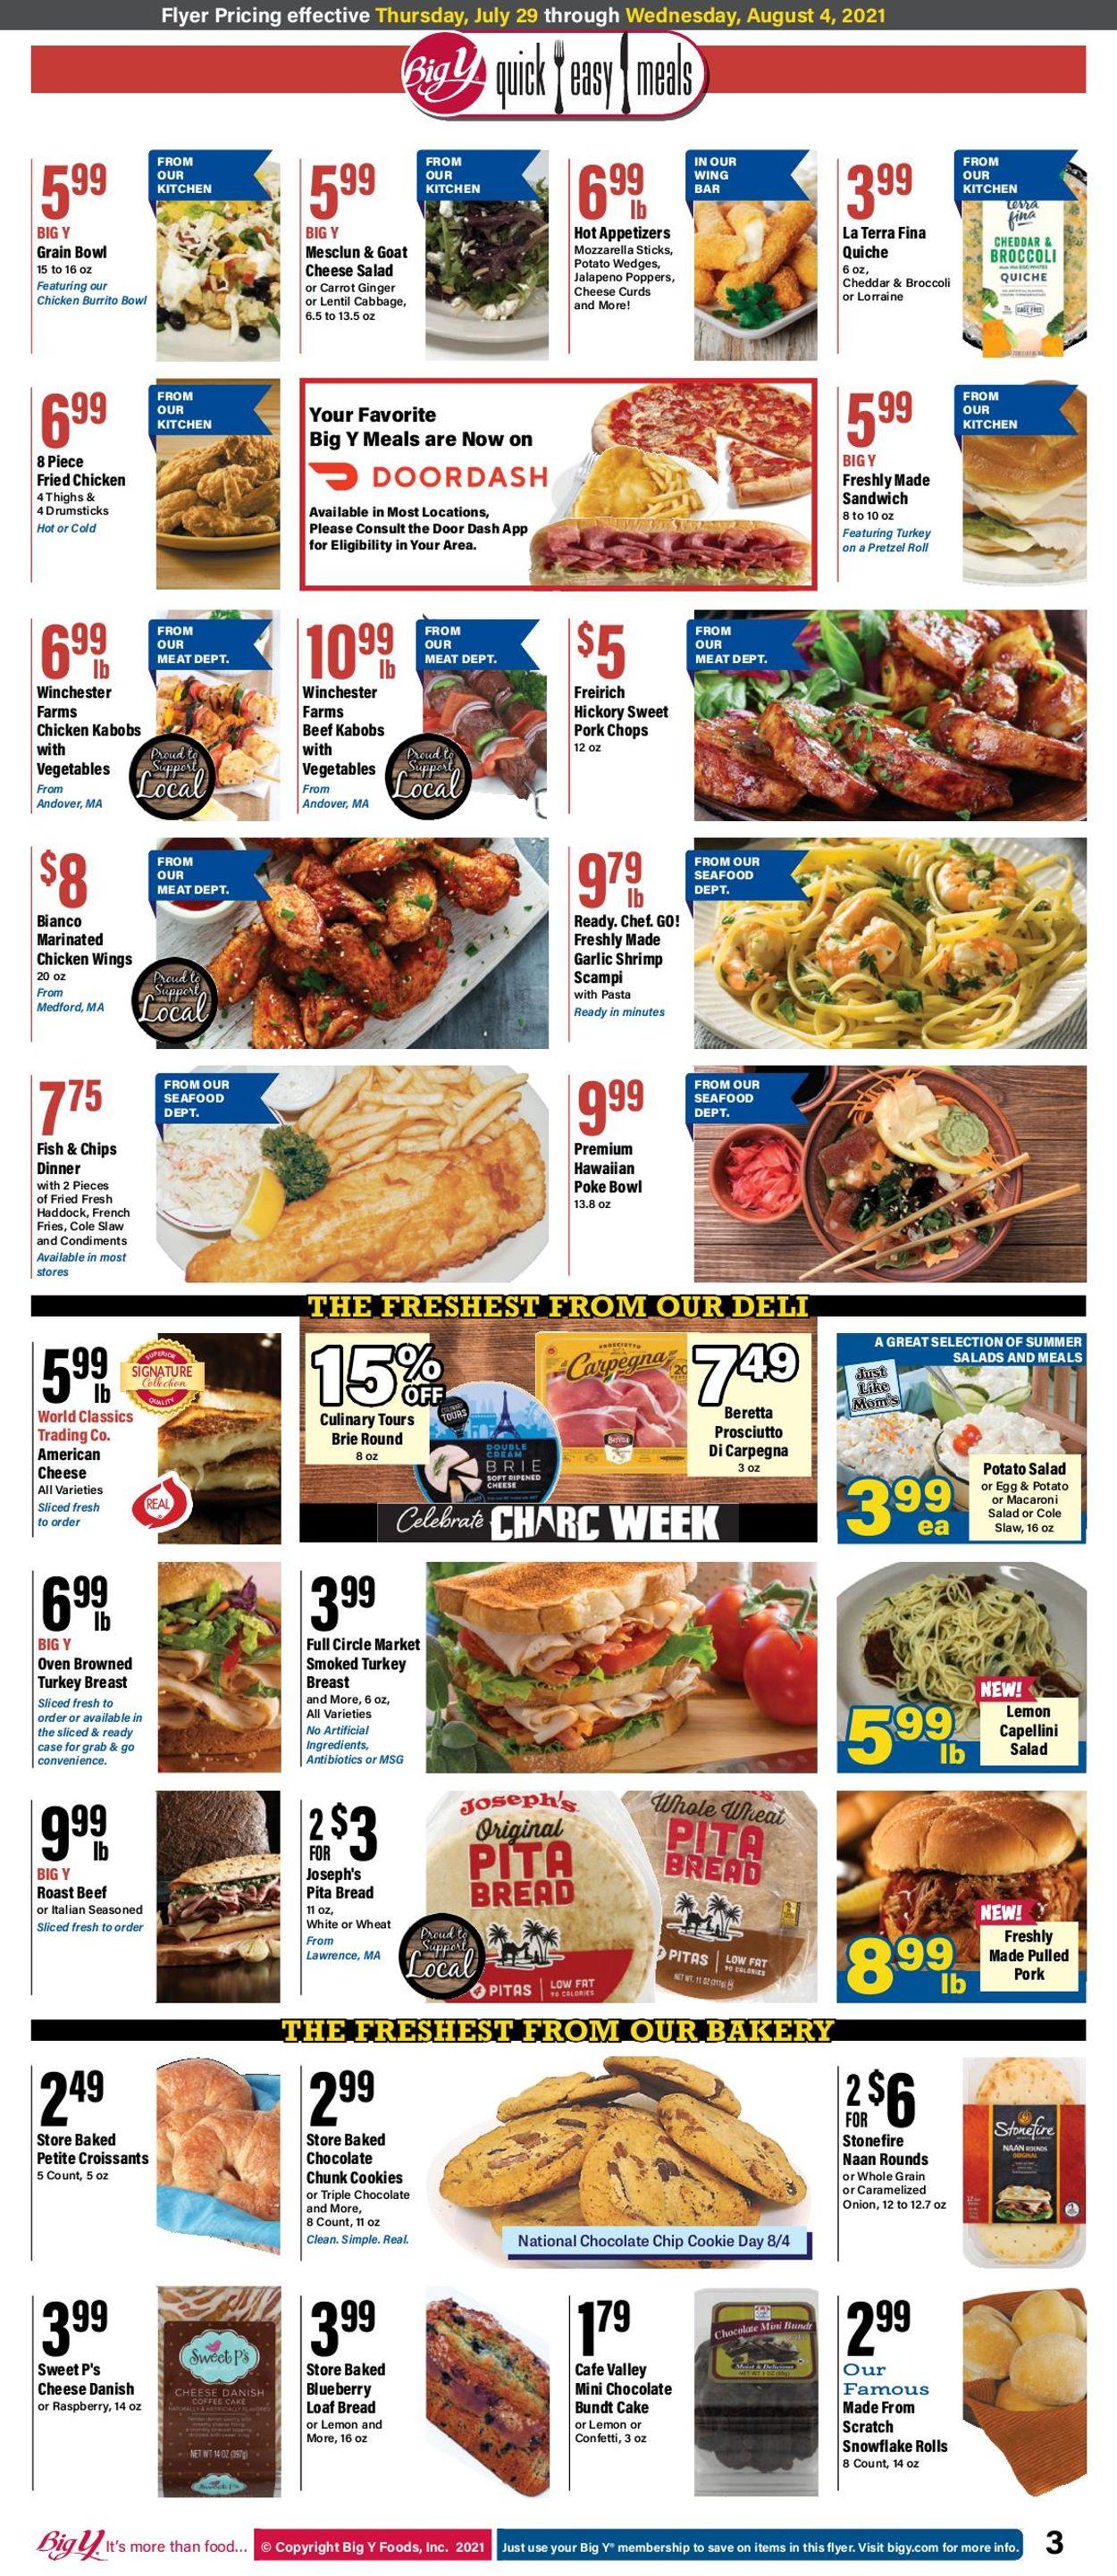 Big Y Weekly Ad Circular - valid 07/29-08/04/2021 (Page 3)